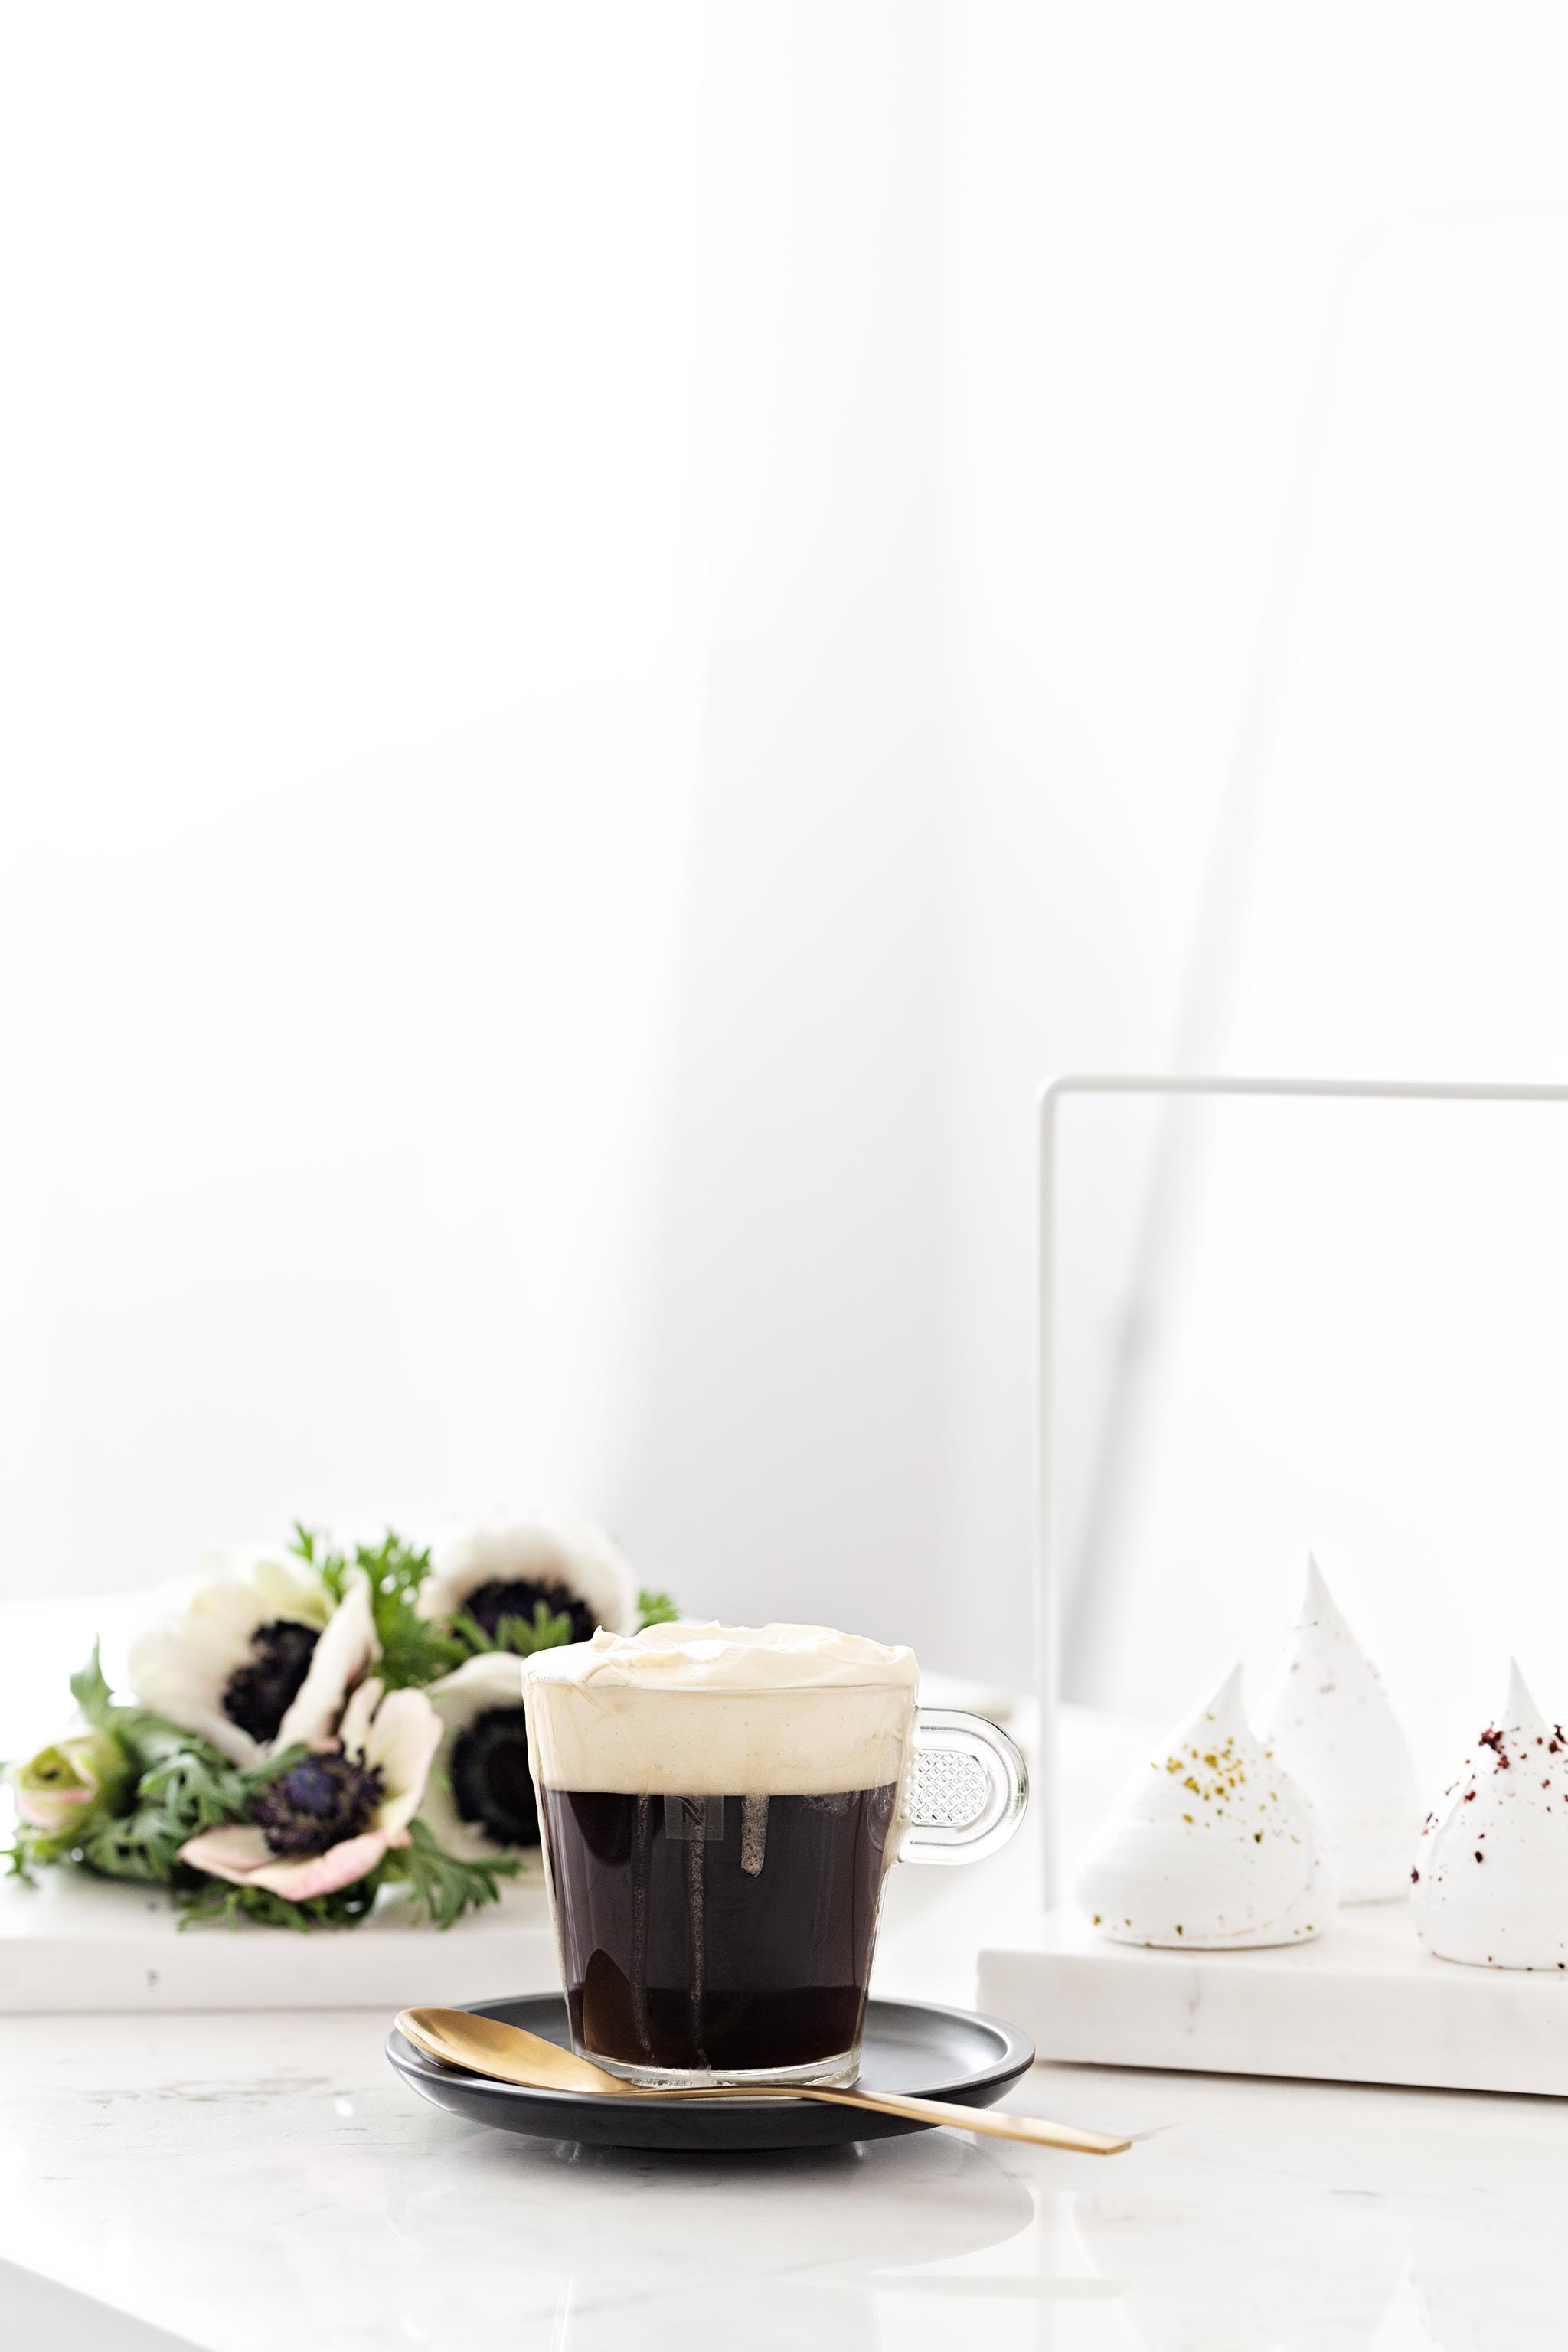 Nespresso Irish Coffee